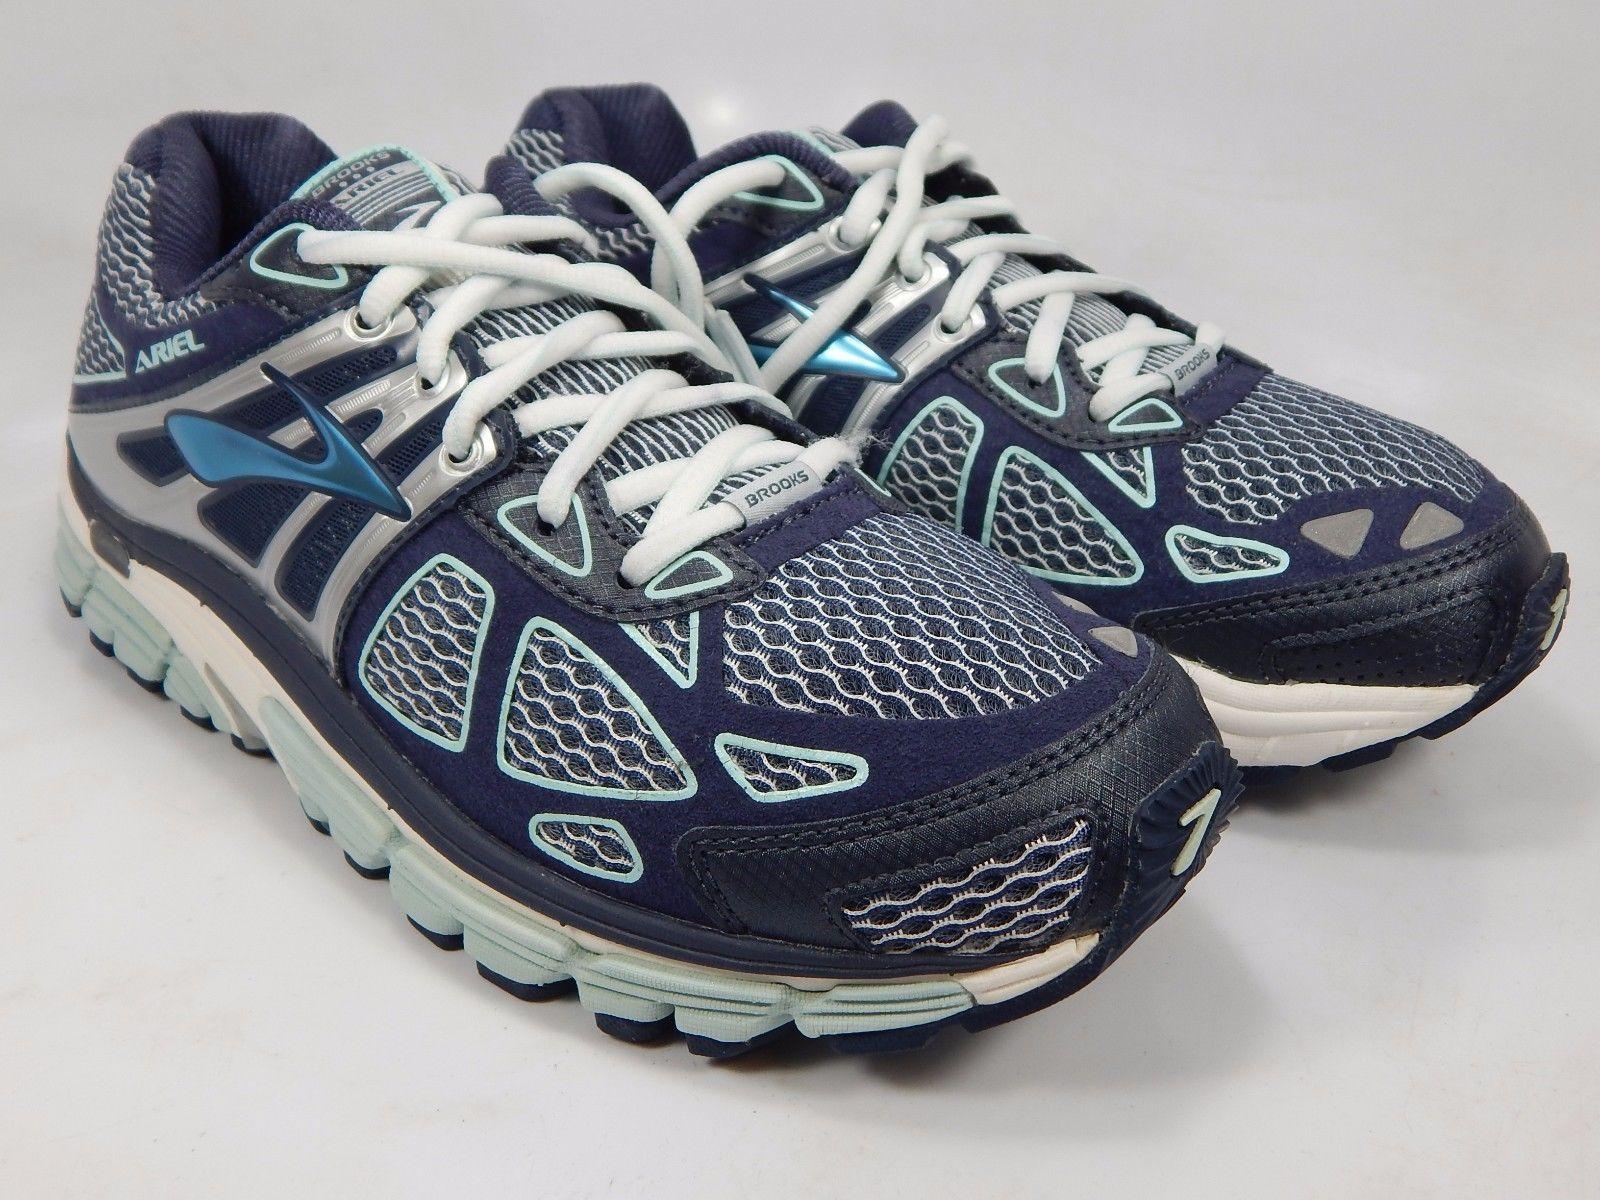 2f51fccd59f Brooks Ariel 14 Women s Running Shoes Size US 8 M (B) EU 39 Blue 1201641B399